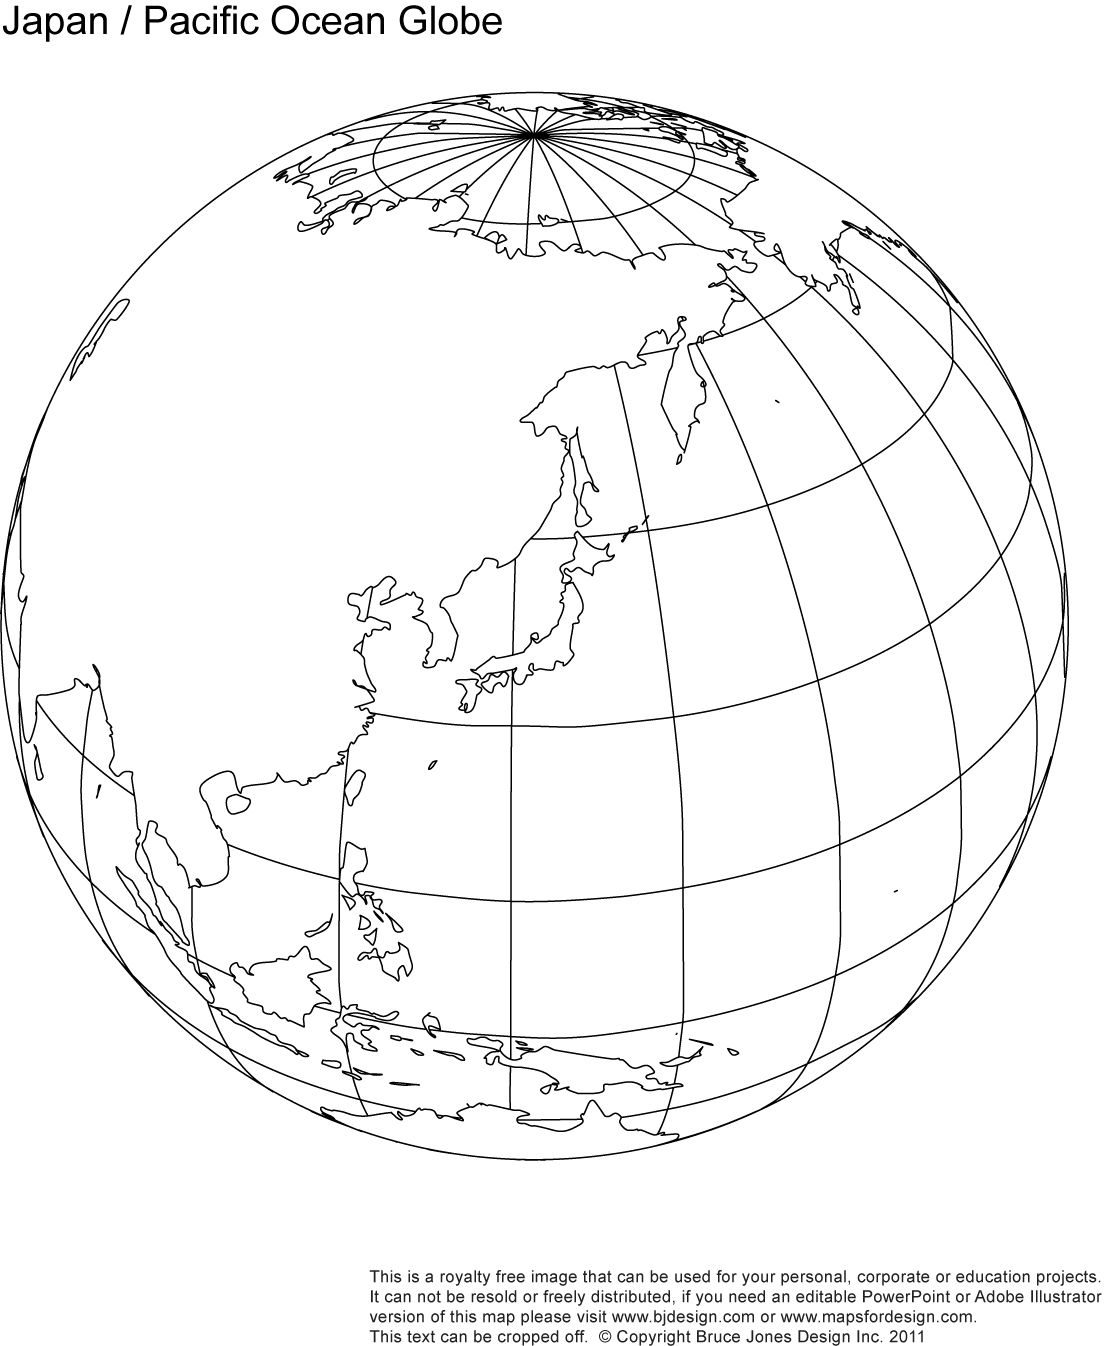 Japan pacific ocean globe map blank printable outline royalty japan pacific ocean globe map blank printable outline royalty free gumiabroncs Images